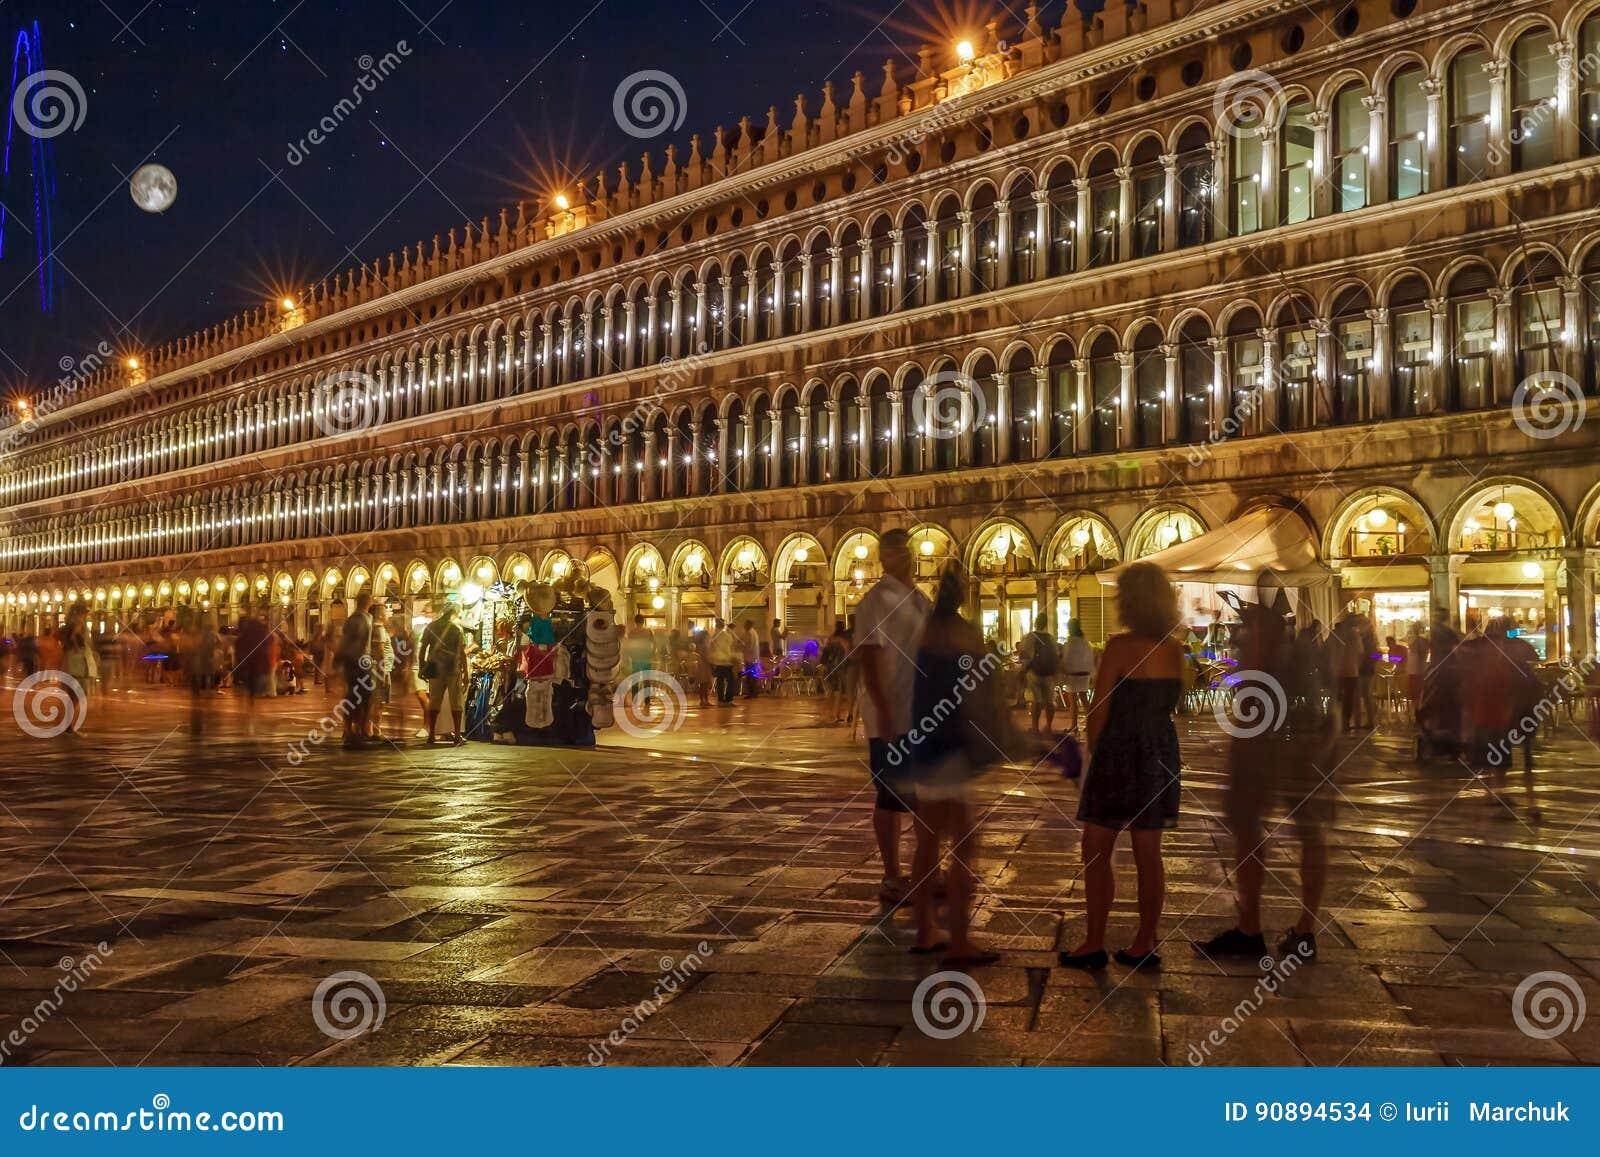 Plaza San Marco Venecia Italia Iluminada En La Noche Con Las